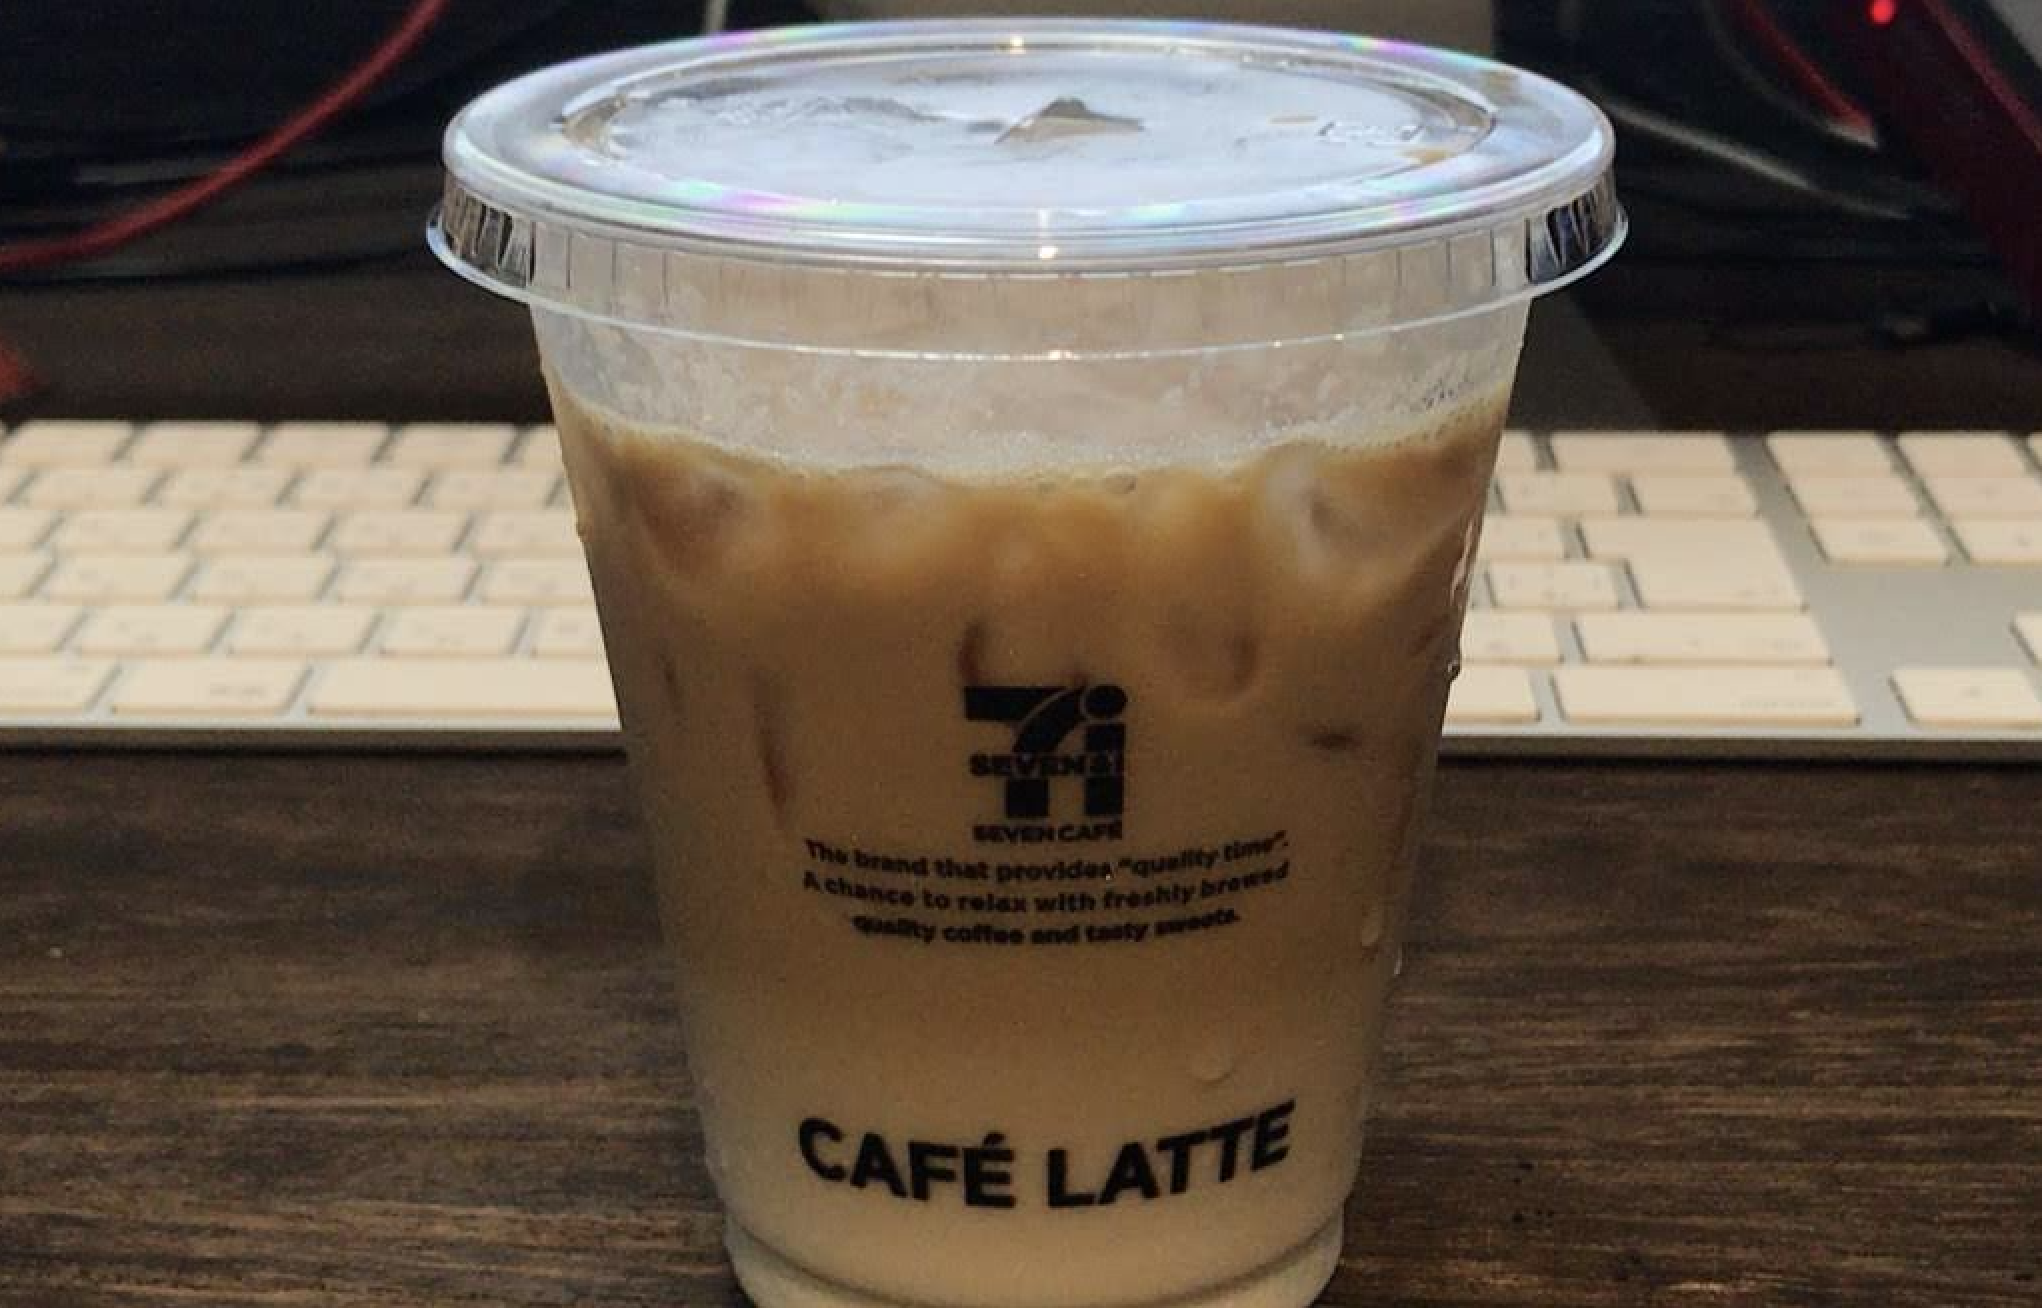 コンビニのカフェラテにコーヒーフレッシュ(ミルクの顔した添加物お化け)を入れてみた。